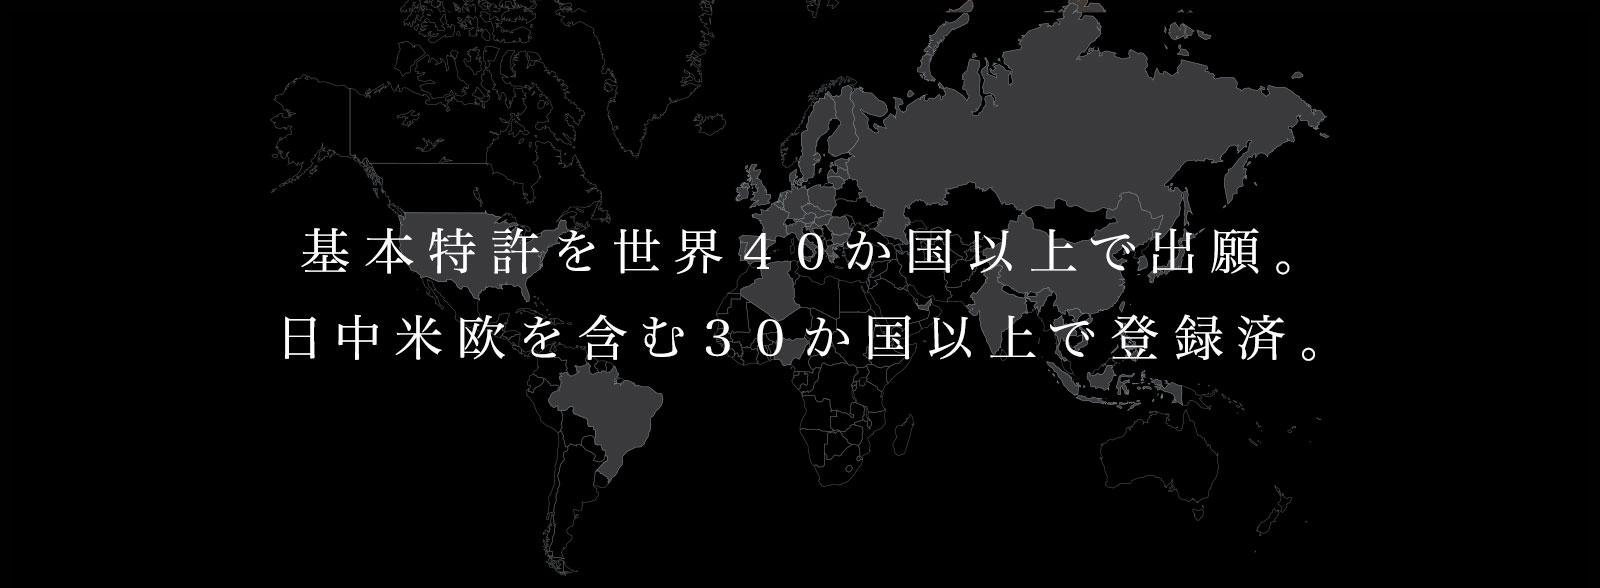 基本特許を世界40か国以上で出願。 日中米欧を含む30か国以上で登録済。